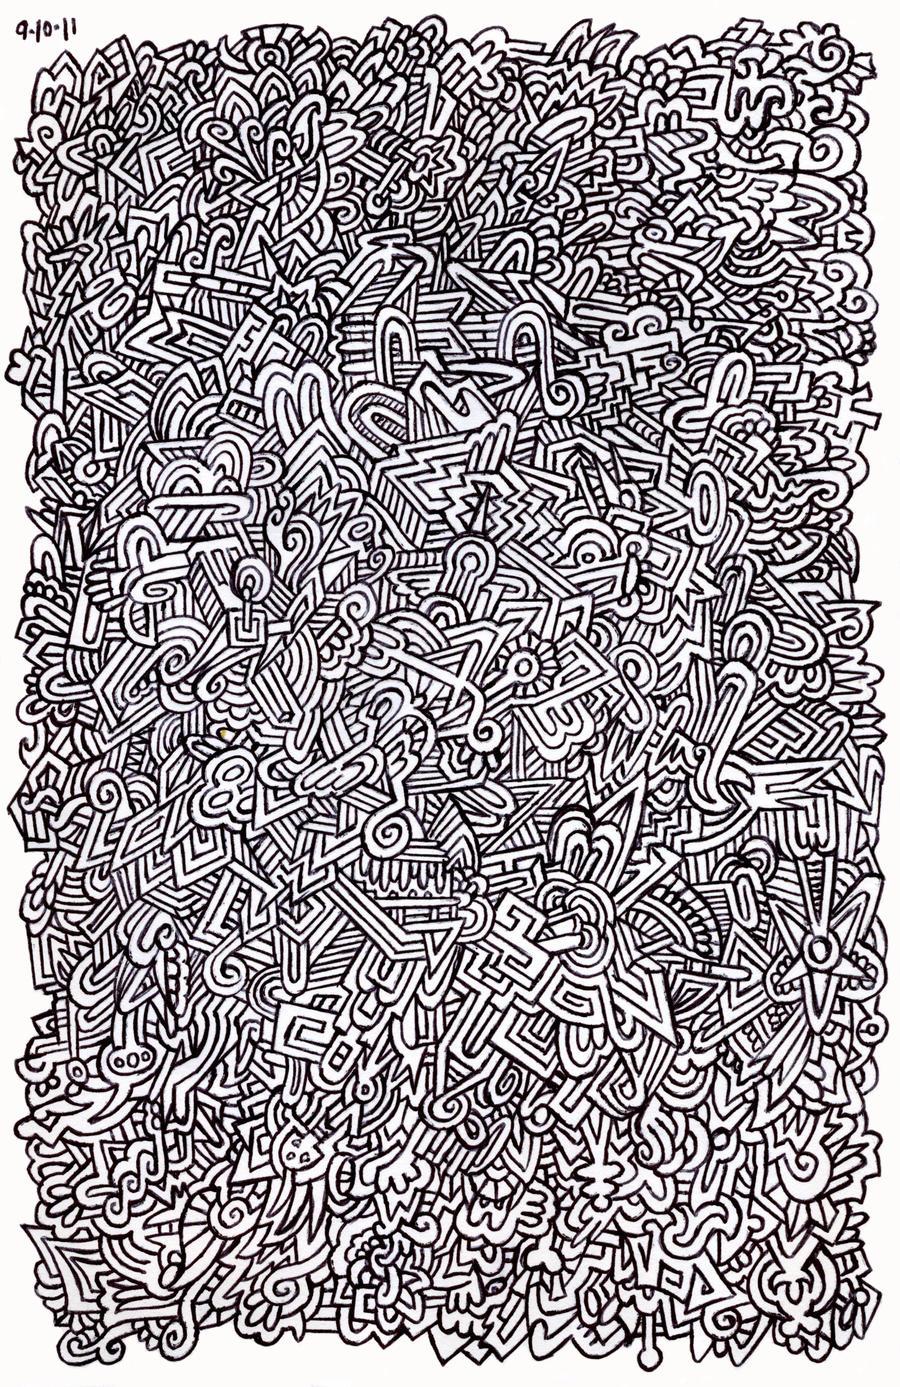 Doodle pen design by pikajane on deviantart for Designs for doodle art